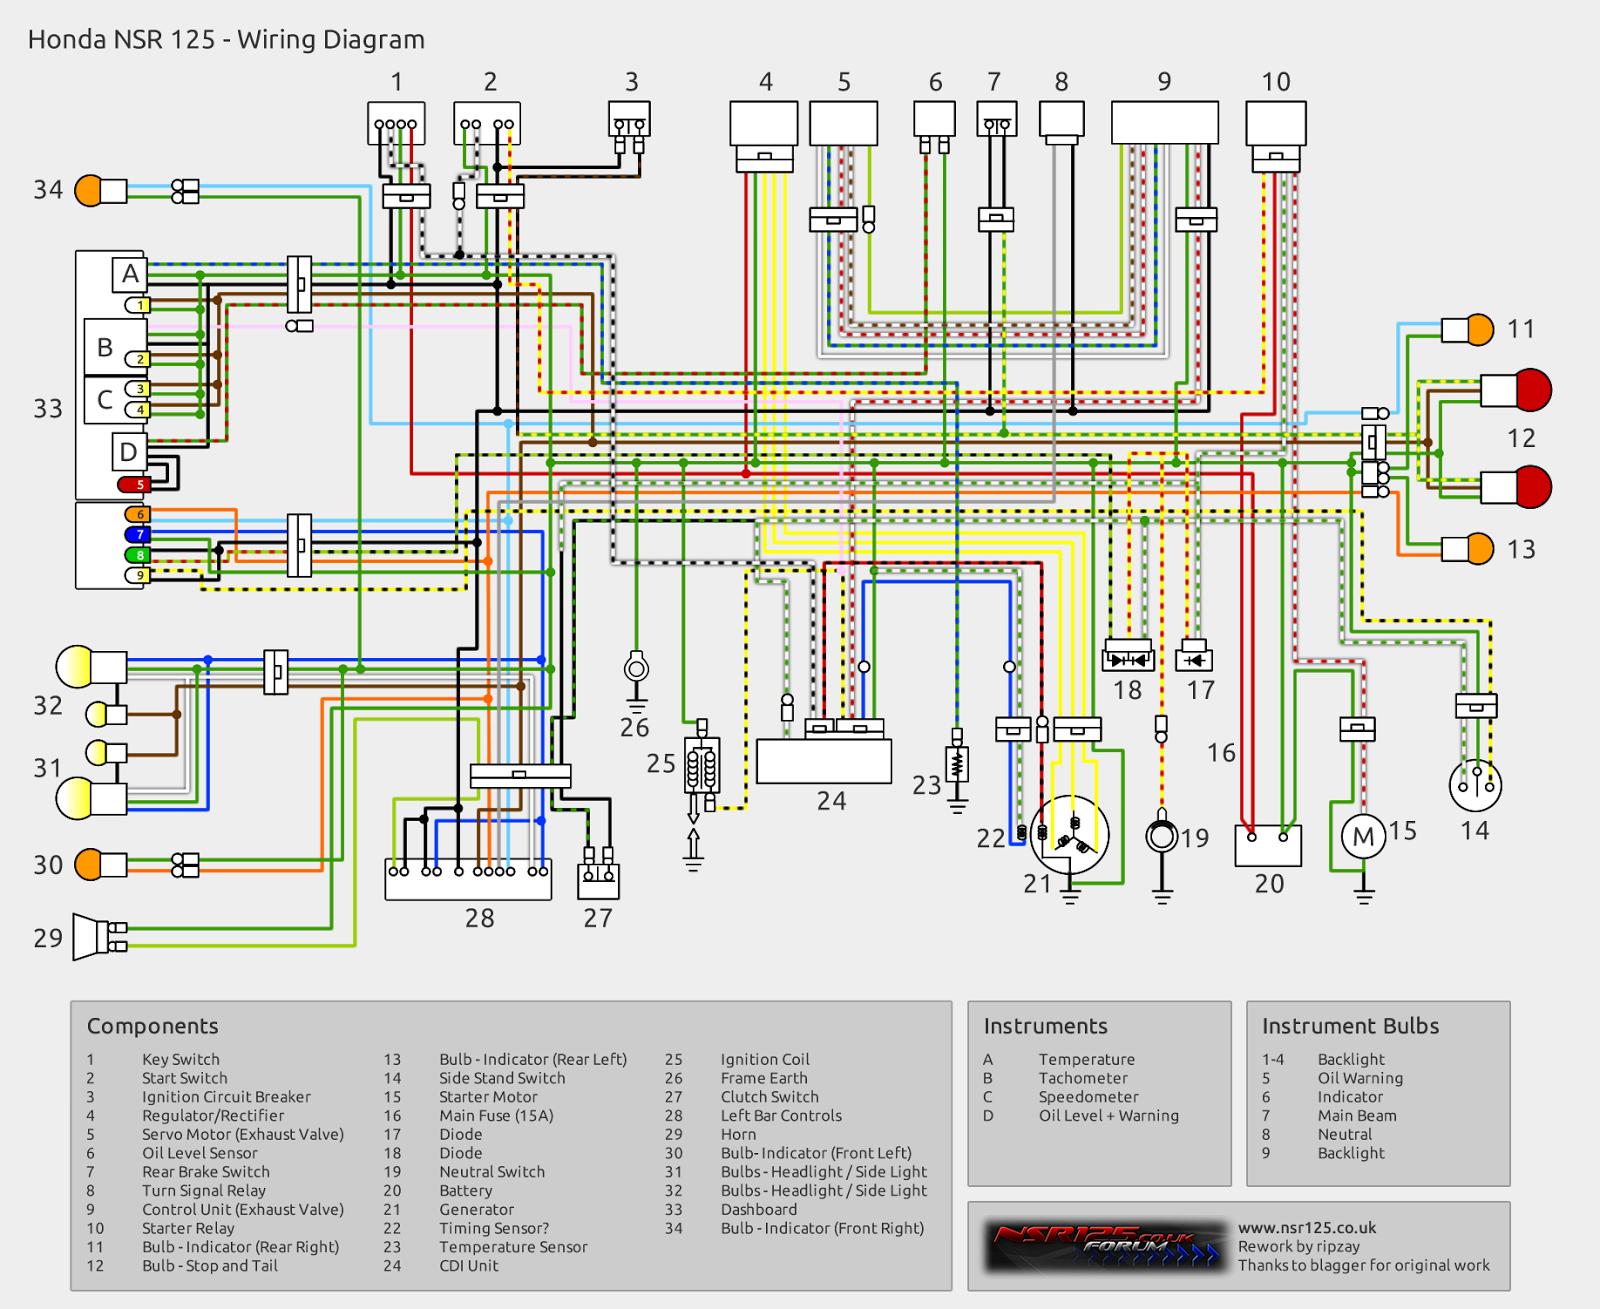 nsr salatiga wiring diagram honda nsr series rh nsrsalatiga blogspot com honda cbr1100xx honda cg125 [ 1600 x 1309 Pixel ]